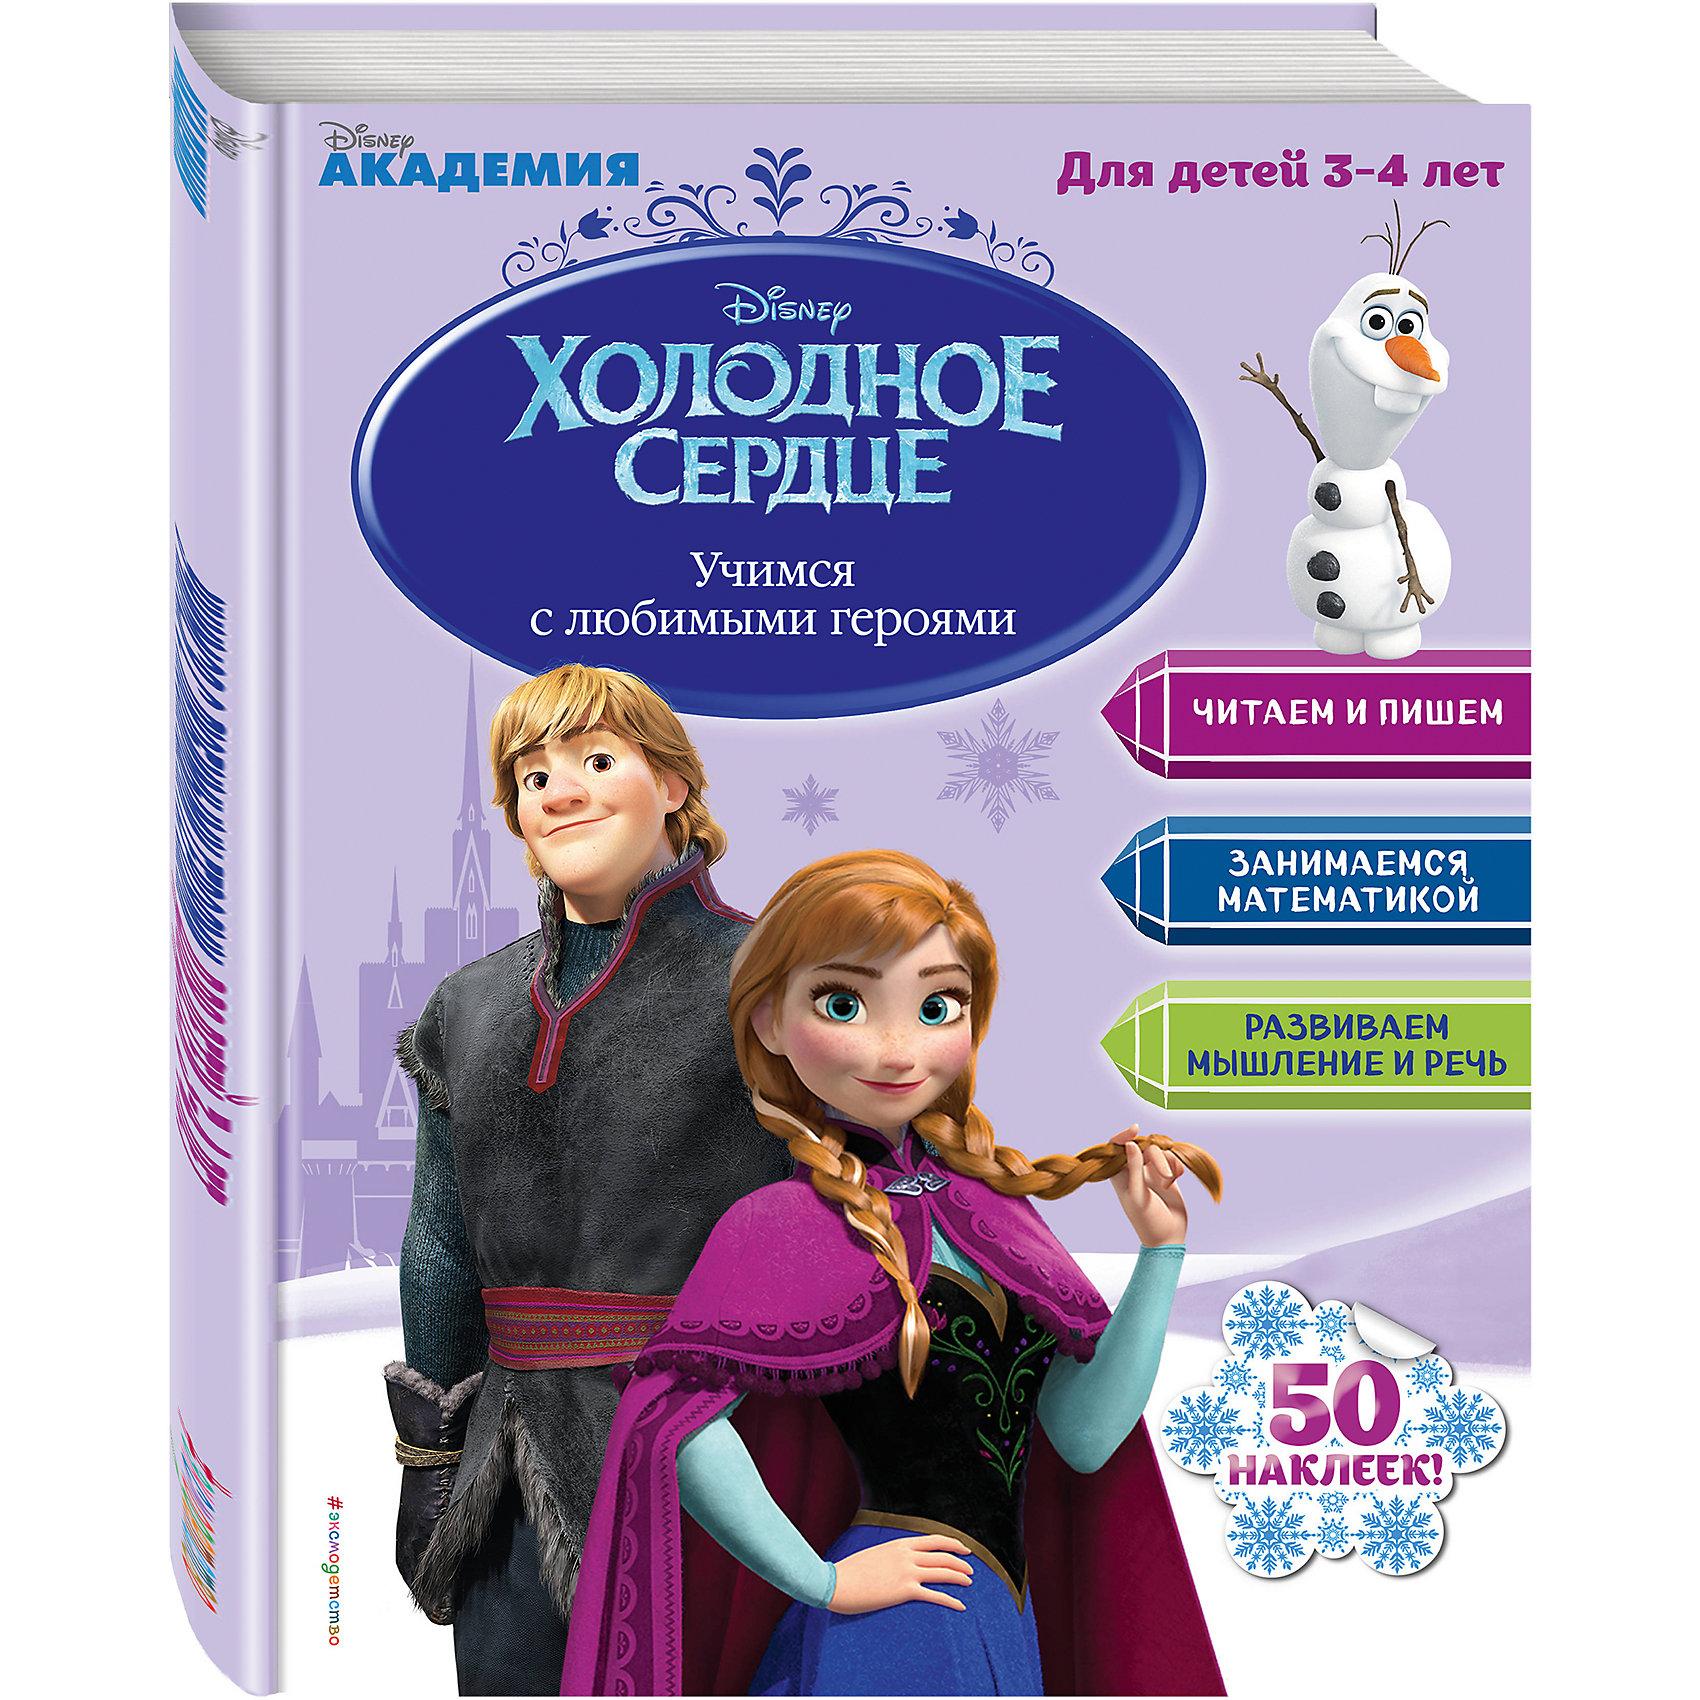 Учимся с любимыми героями, для детей 3-4 лет, Disney Холодное сердцеПособия для обучения счёту<br>Характеристики:<br><br>• ISBN: 978-5-699-92591-9;<br>• возраст: от 3 лет;<br>• формат: 60х84/8;<br>• бумага: офсет; <br>• тип обложки: обл - мягкий переплет (крепление скрепкой или клеем);<br>• оформление: с наклейками;<br>• иллюстрации: черно-белые и цветные; <br>• серия:  Disney. Учимся с любимыми героями с наклейками;<br>• редактор: Жилинская А.;<br>• издательство: Эксмо-Пресс, 2017 г.;<br>• количество страниц: 64;<br>• размеры: 27,9х20,9х0,5 см;<br>• масса: 188 г.<br><br>Герои мультфильма Disney «Холодное сердце» поселились на страницах красочного обучающего пособия. Множество интересных упражнений подготавливают малышей к школьным занятиям. Мальчики и девочки познакомятся с буквами, цифрами, формами, цветами и размерами, а также научатся читать свои первые слова.<br><br>Книга для домашних занятий укрепляет кисть, тренирует мелкую моторику, стимулирует логику, память и мышление. Красивые наклейки, дополняющие издание, можно использовать в игре.<br><br>Издание предназначено для детей младшего дошкольного возраста.<br><br>Книгу «Учимся с любимыми героями для детей 3-4 лет. Холодное сердце», Жилинская А., Эксмо-Пресс можно купить в нашем интернет-магазине.<br><br>Ширина мм: 280<br>Глубина мм: 220<br>Высота мм: 30<br>Вес г: 220<br>Возраст от месяцев: 36<br>Возраст до месяцев: 48<br>Пол: Унисекс<br>Возраст: Детский<br>SKU: 6878002